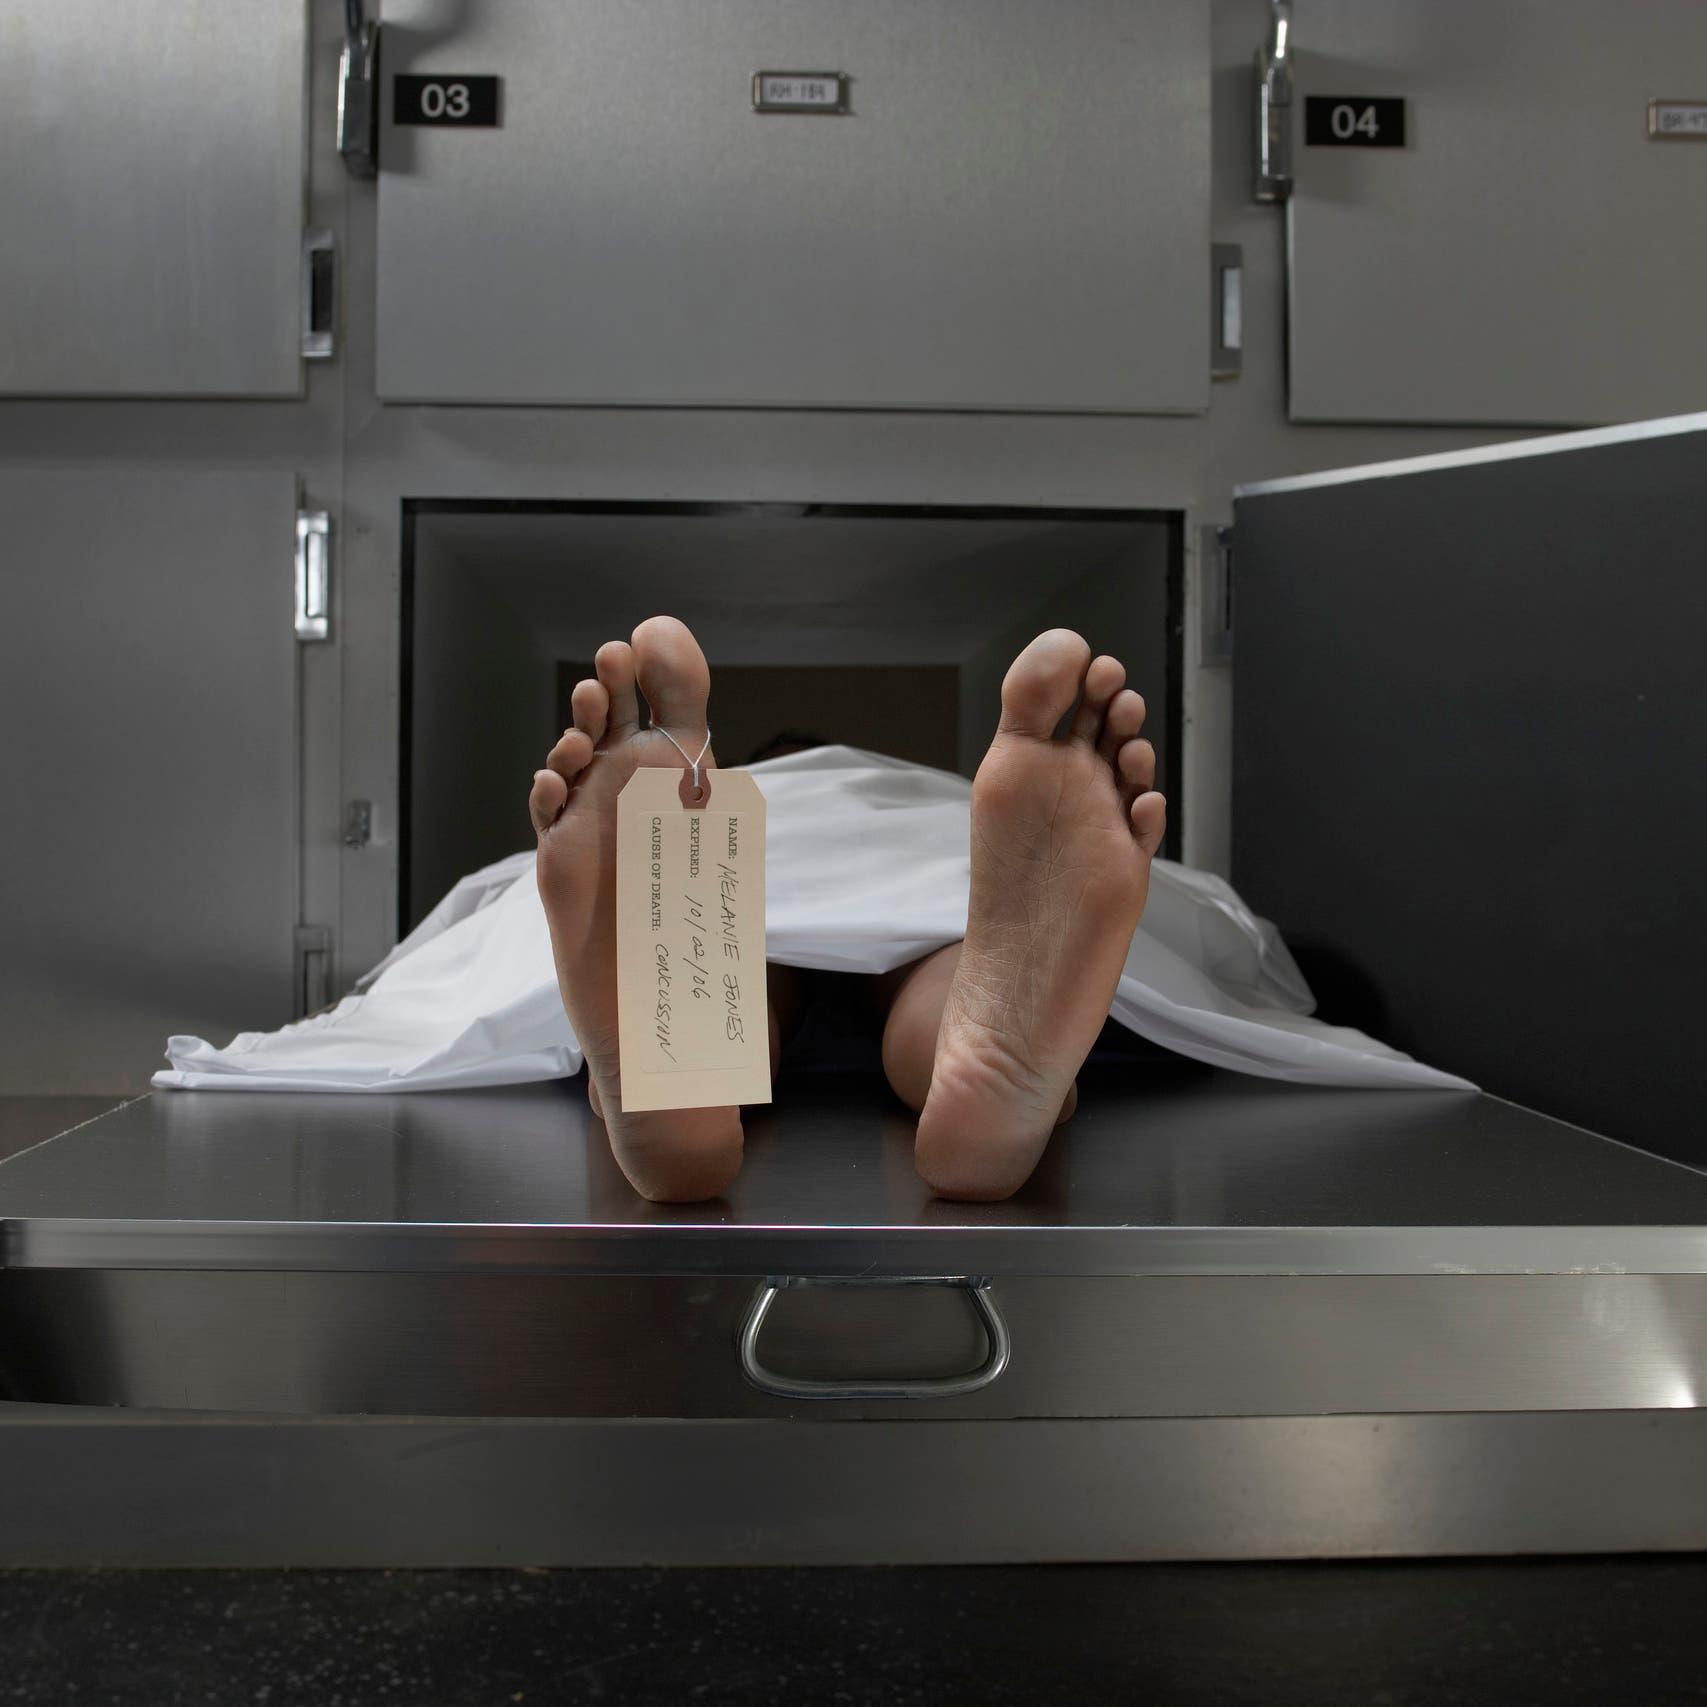 فيديو رهيب لمغسلة جثث في إيران.. جثامين تنتظر أياماً